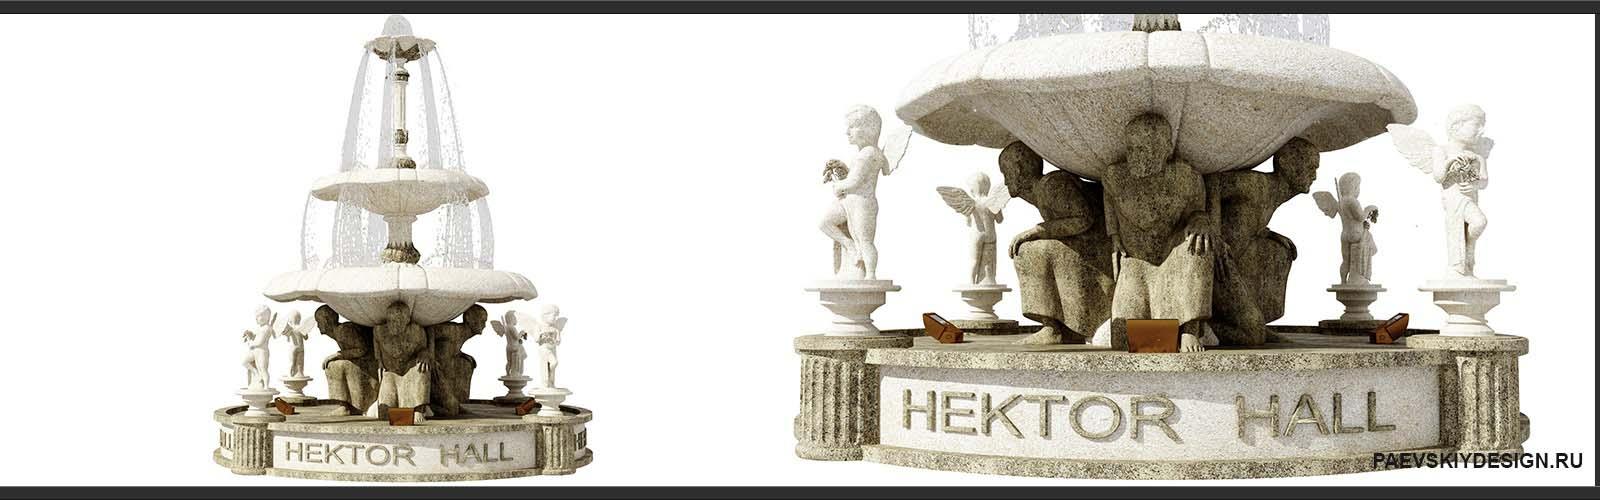 Дизайн фонтана и архитектурное оформление, создание архитектурного классического образа